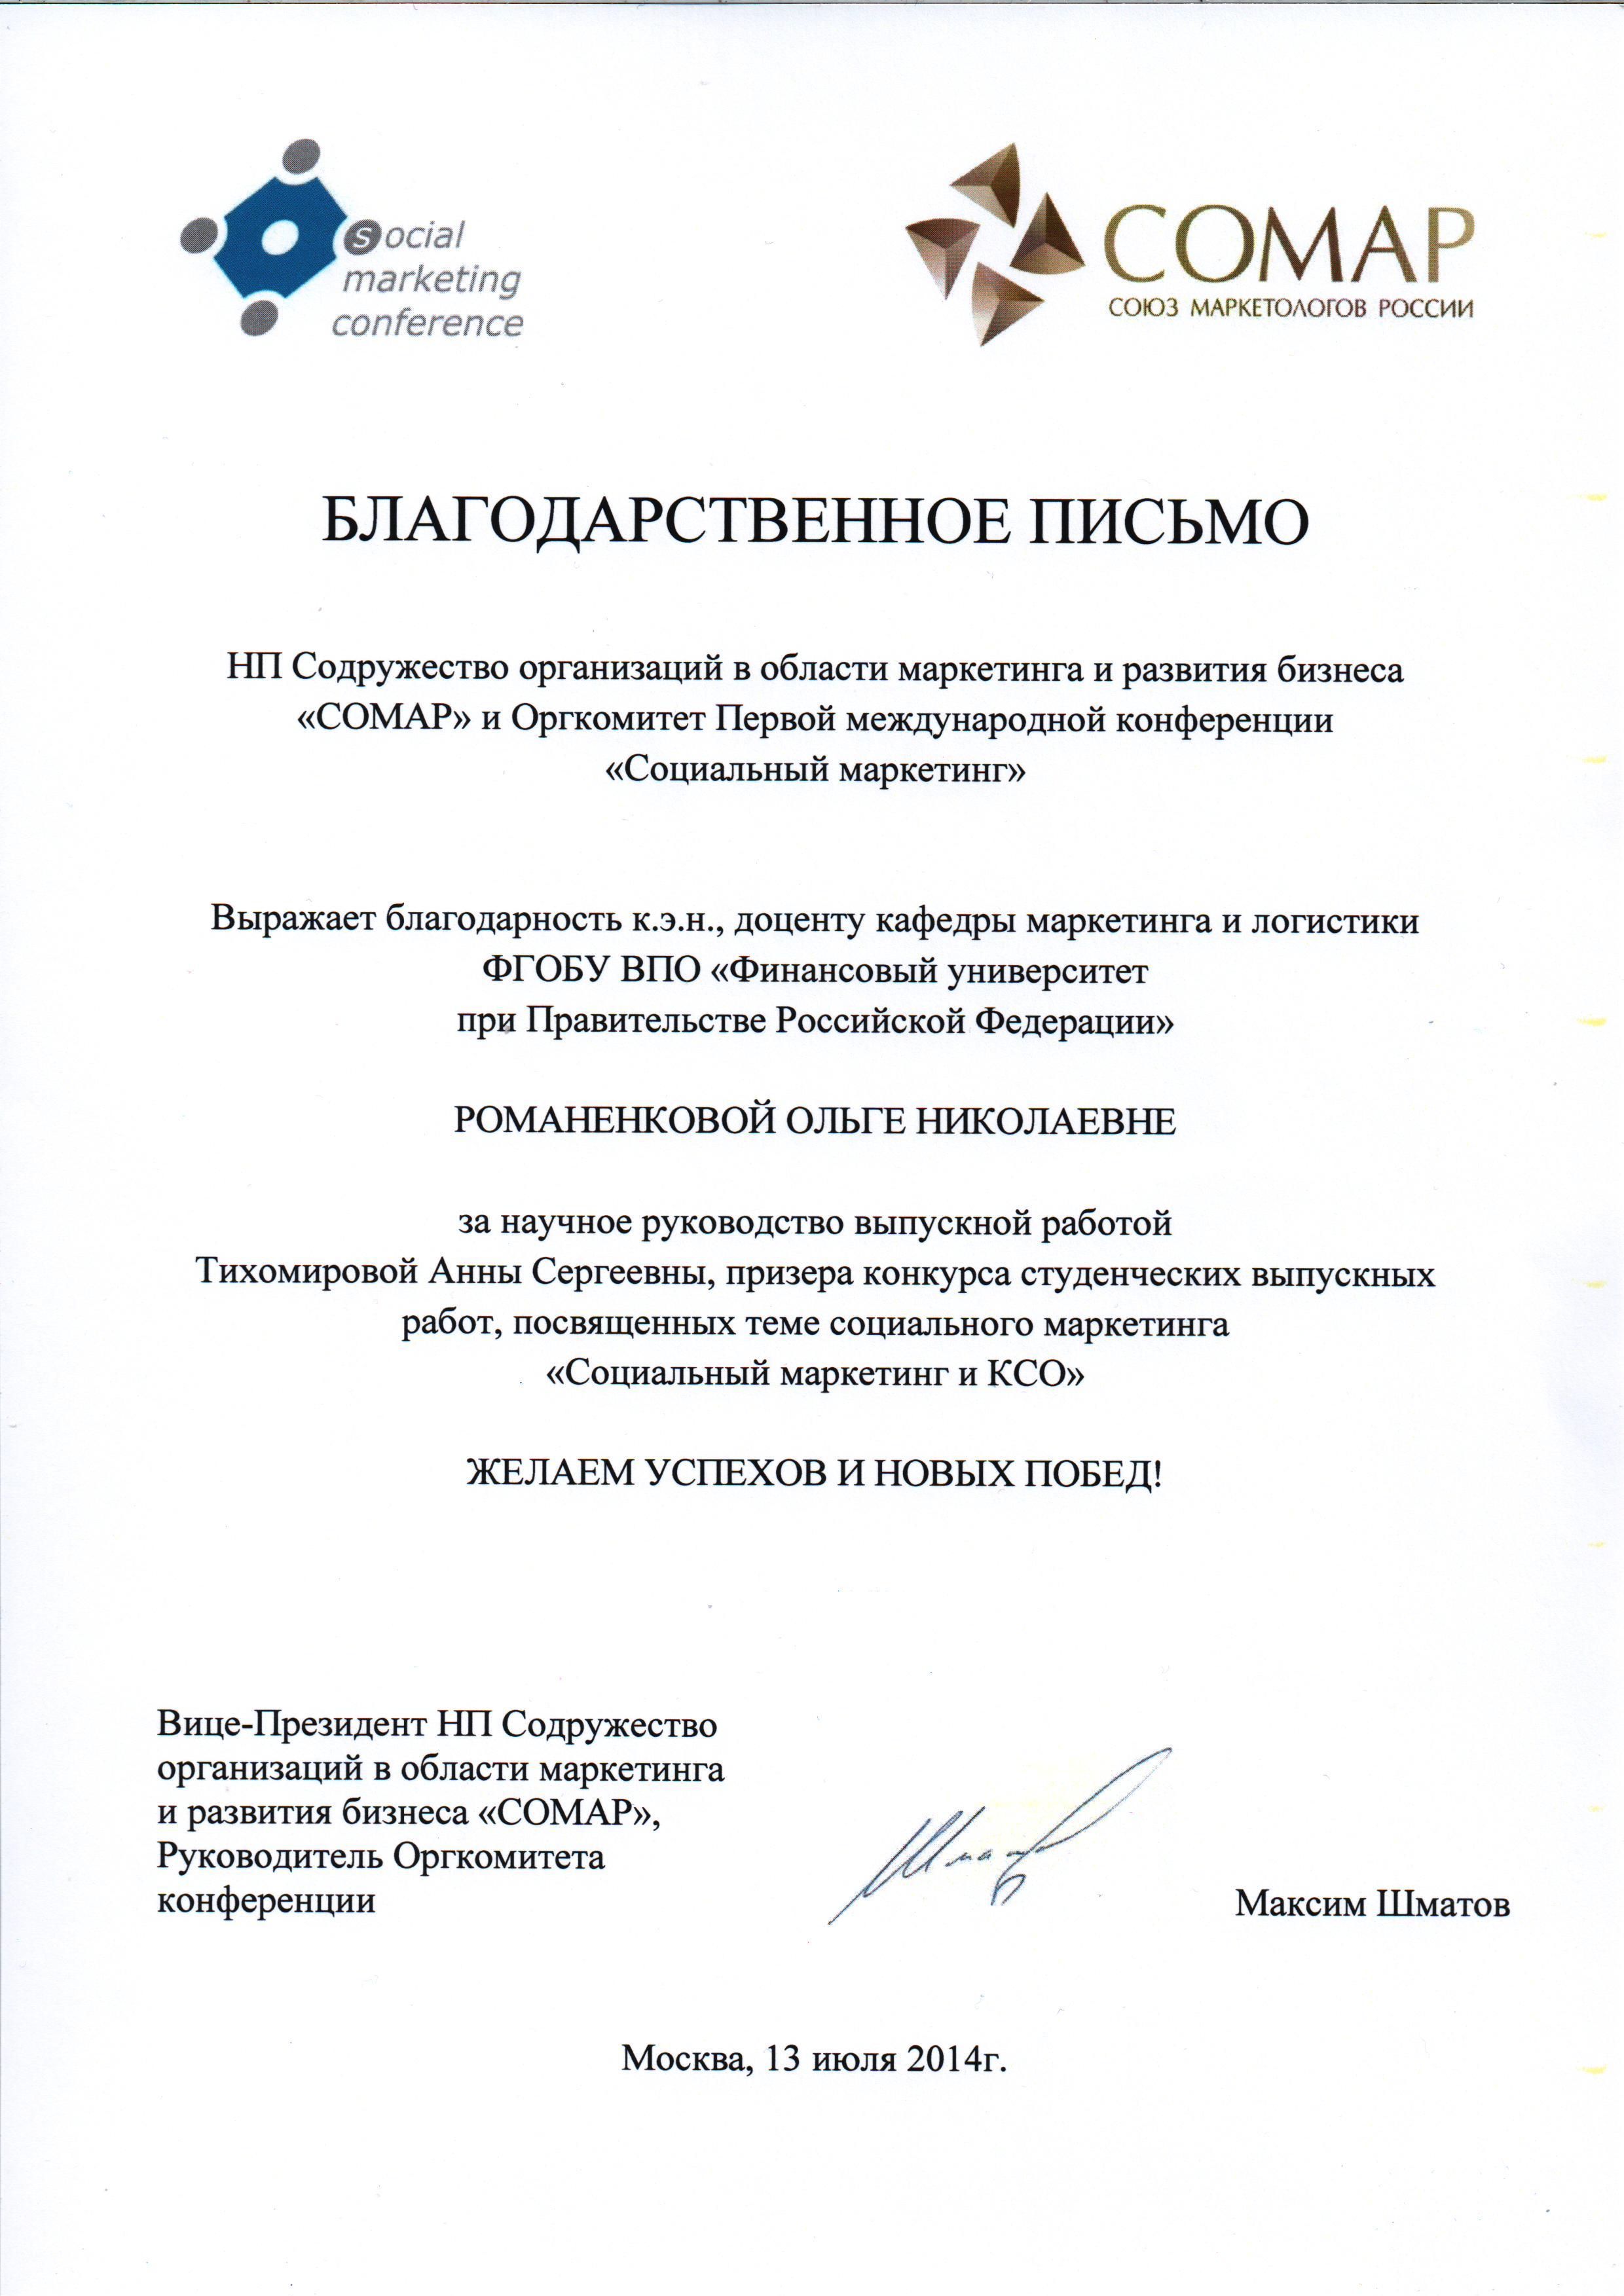 Диплом СОМАР за науч. рук. Романенкова